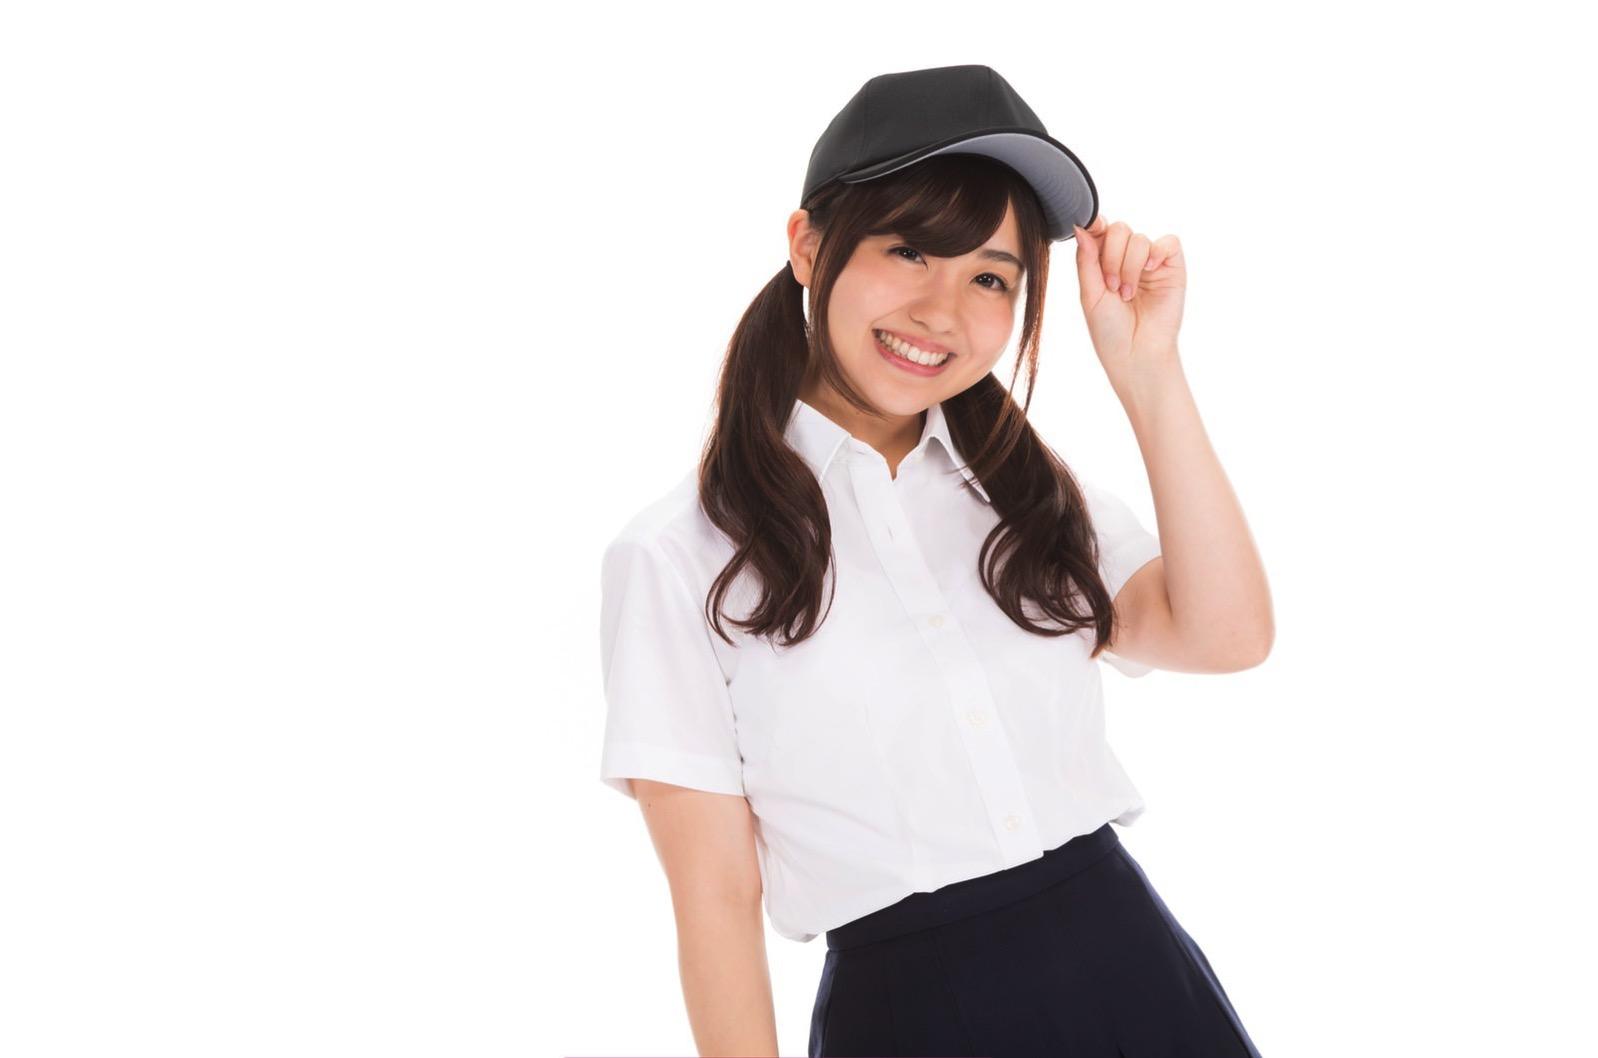 河村友歌(女子マネとチアガールのフリー素材) 07